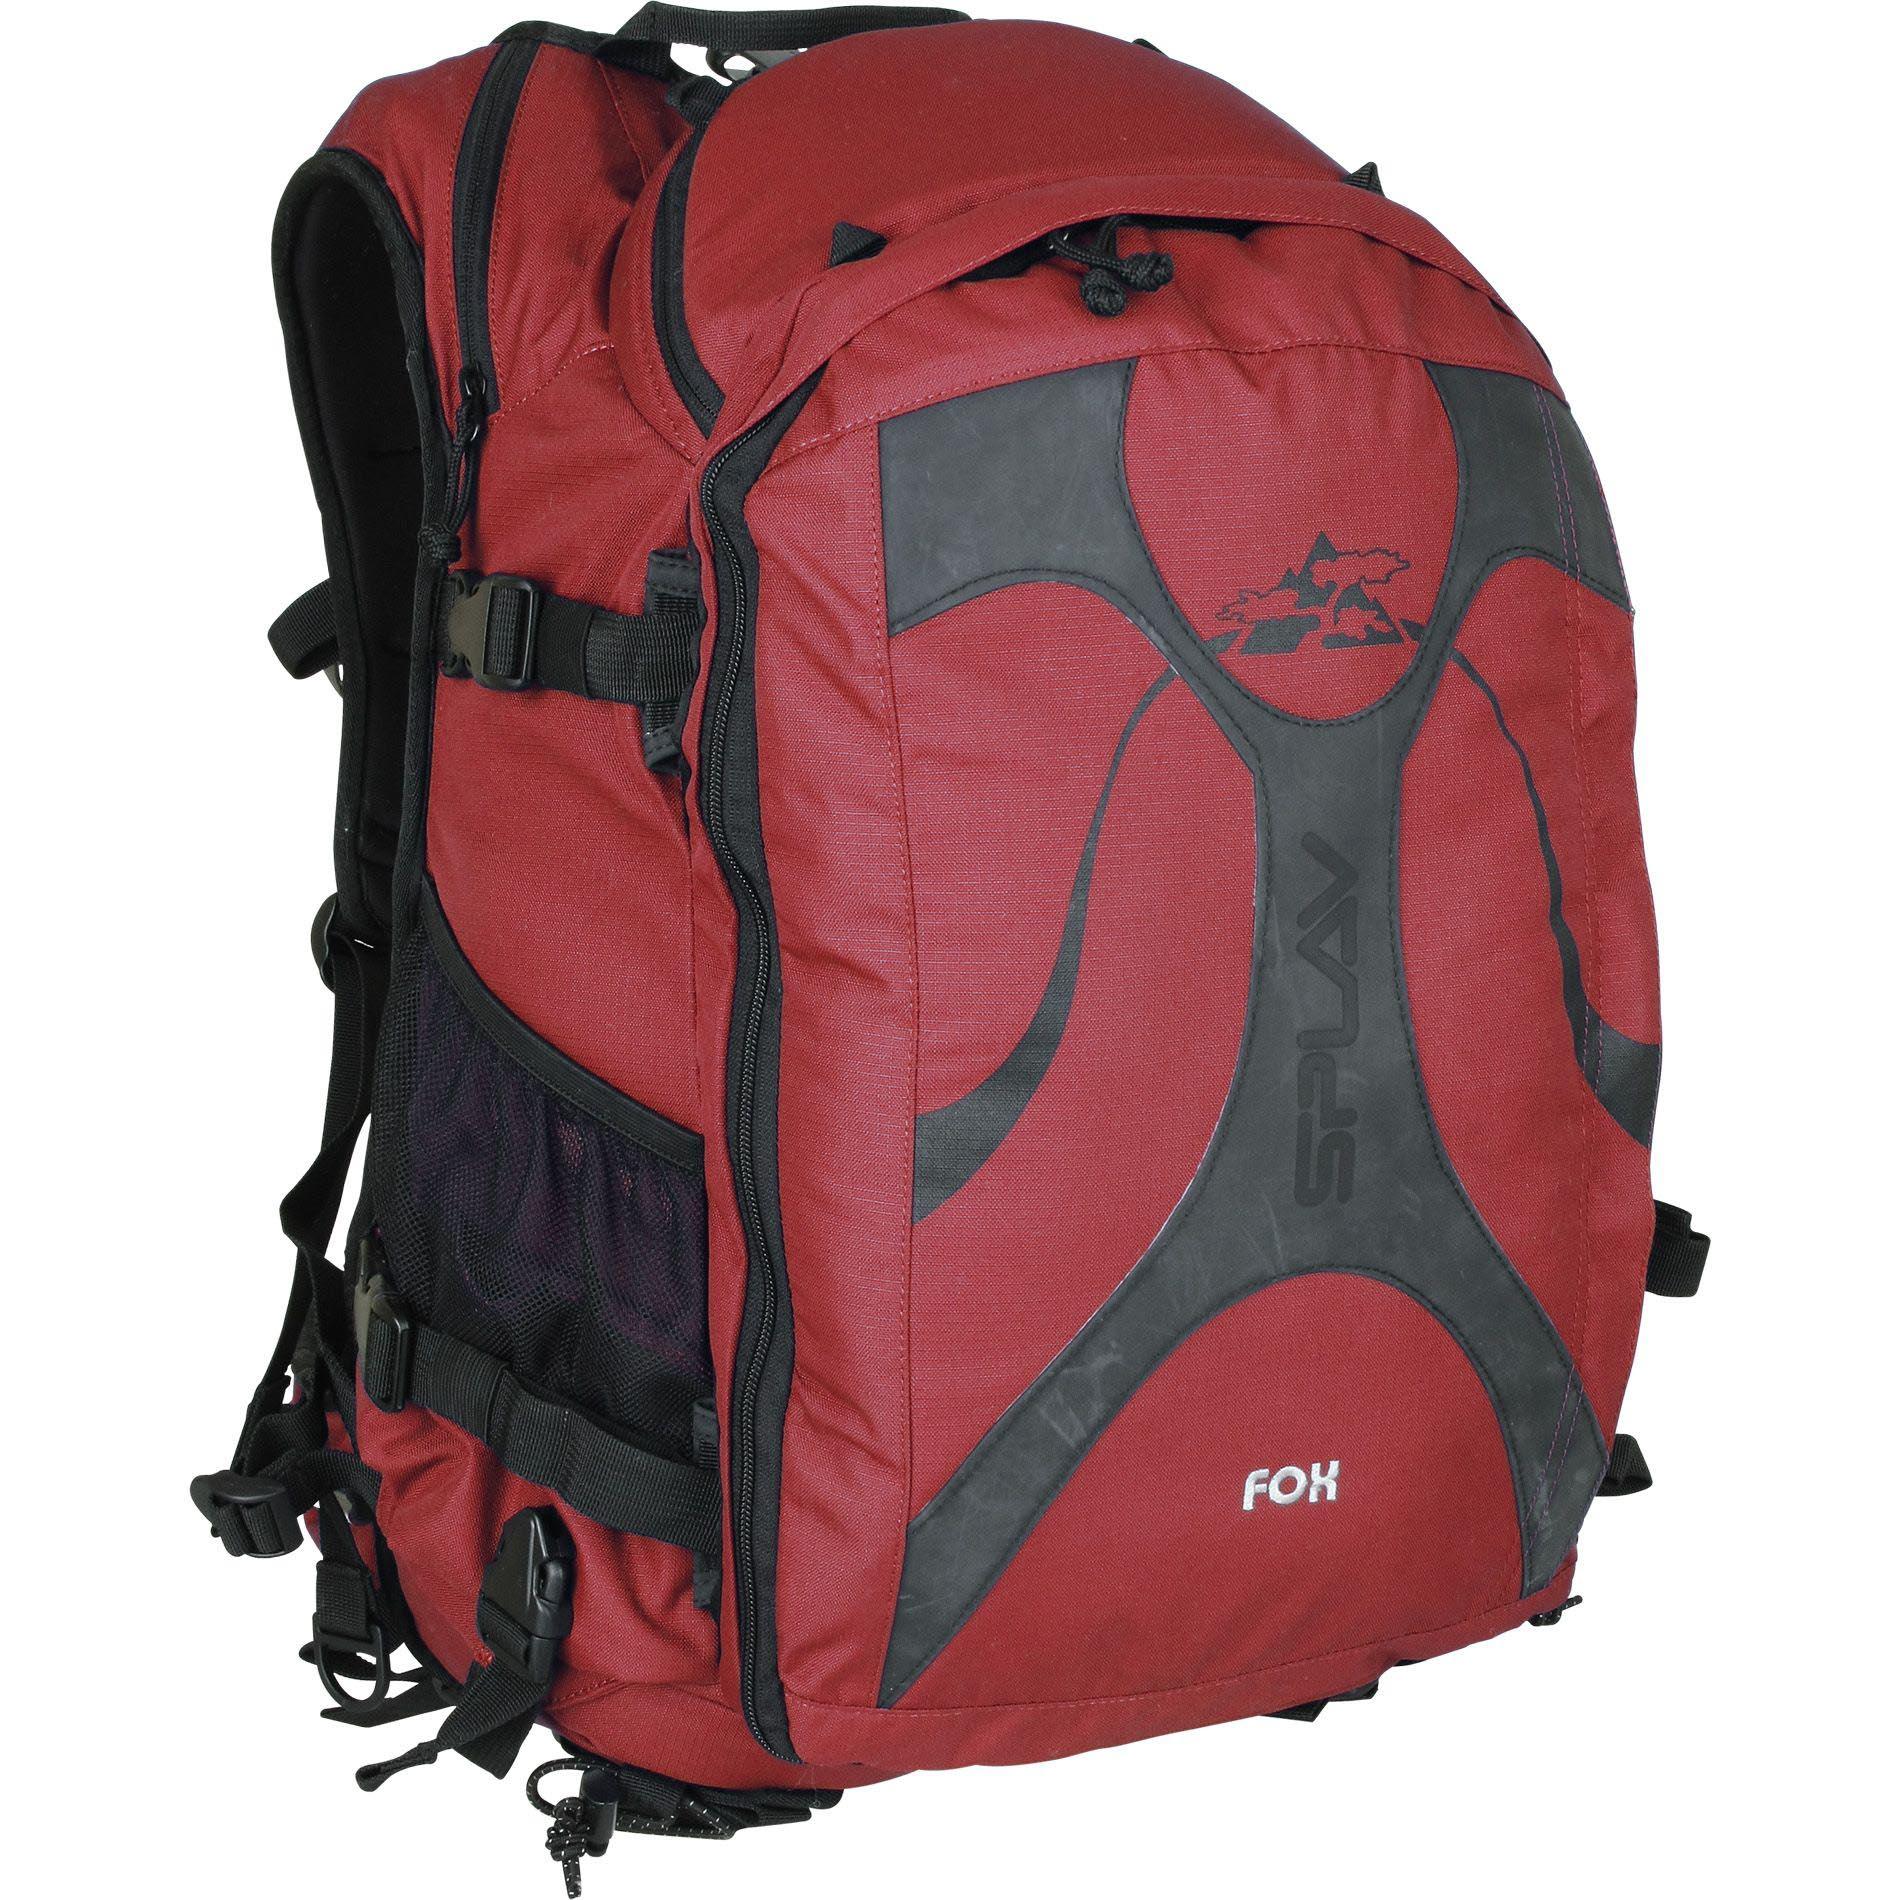 Рюкзак Fox красный, Рюкзаки для горных лыж и сноуборда - арт. 292500286